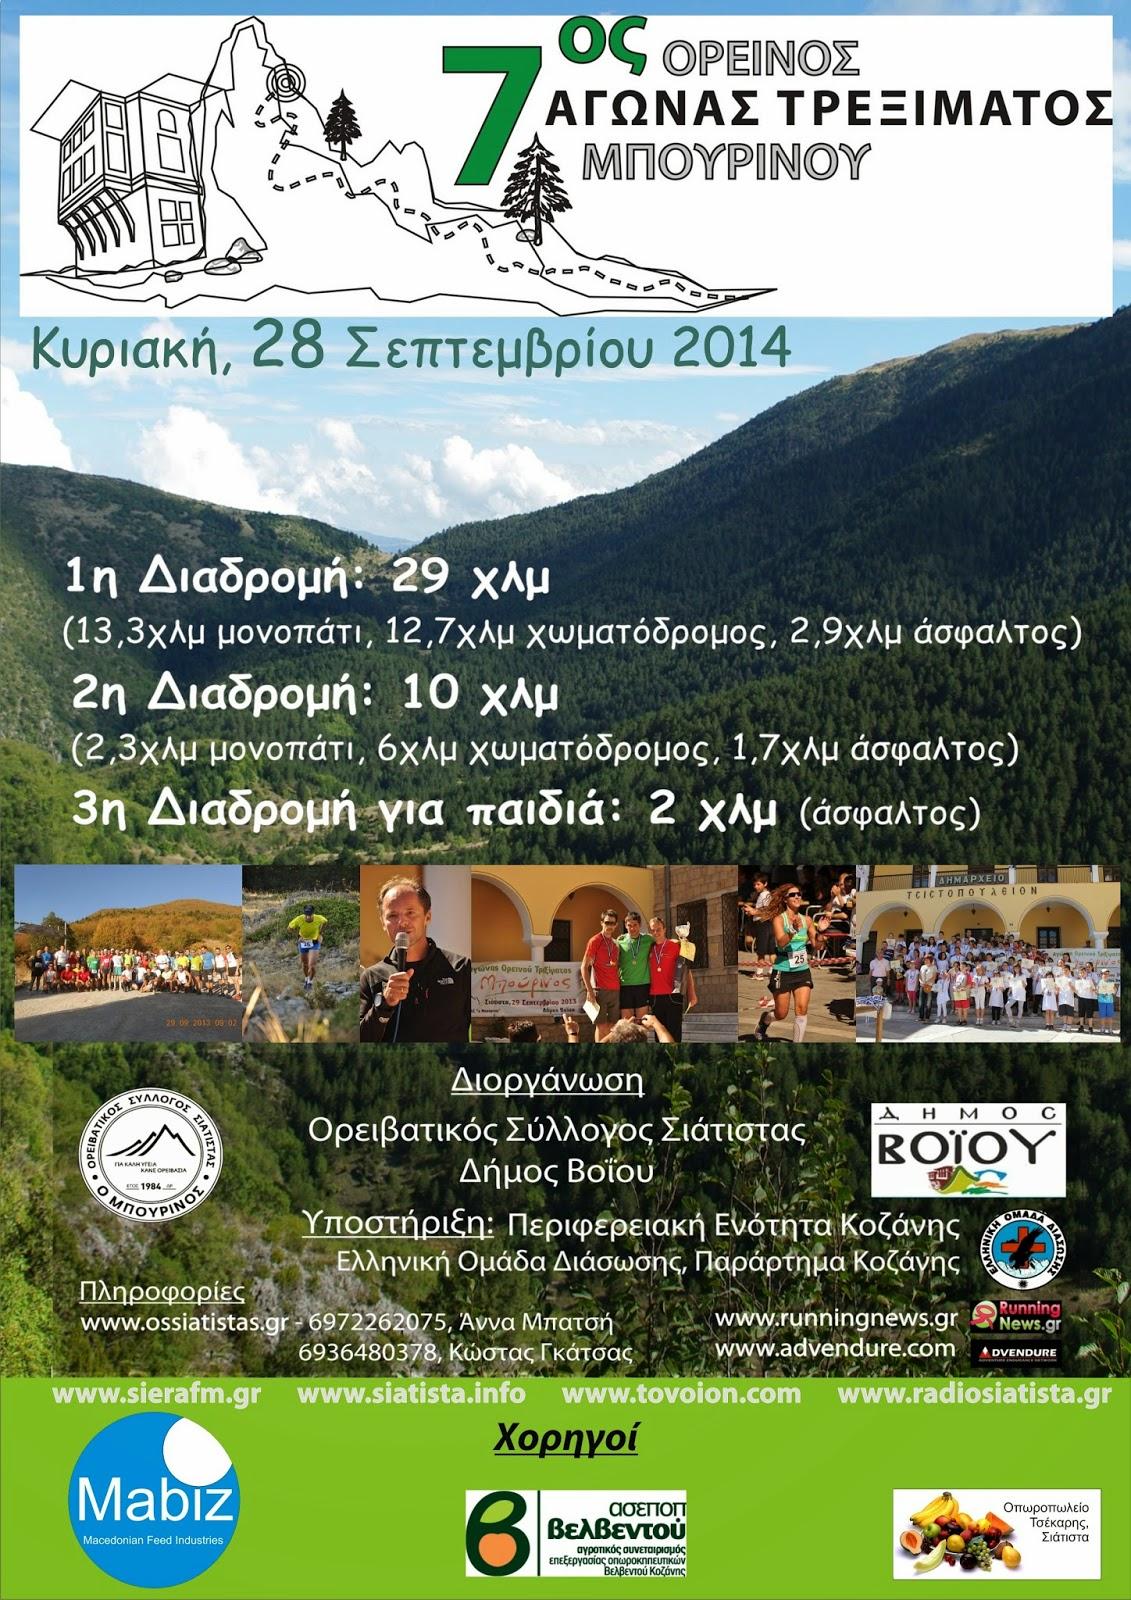 7ος Αγώνας Ορεινού Τρεξίματος Μπούρινου (29 χλμ) 28-9-2014